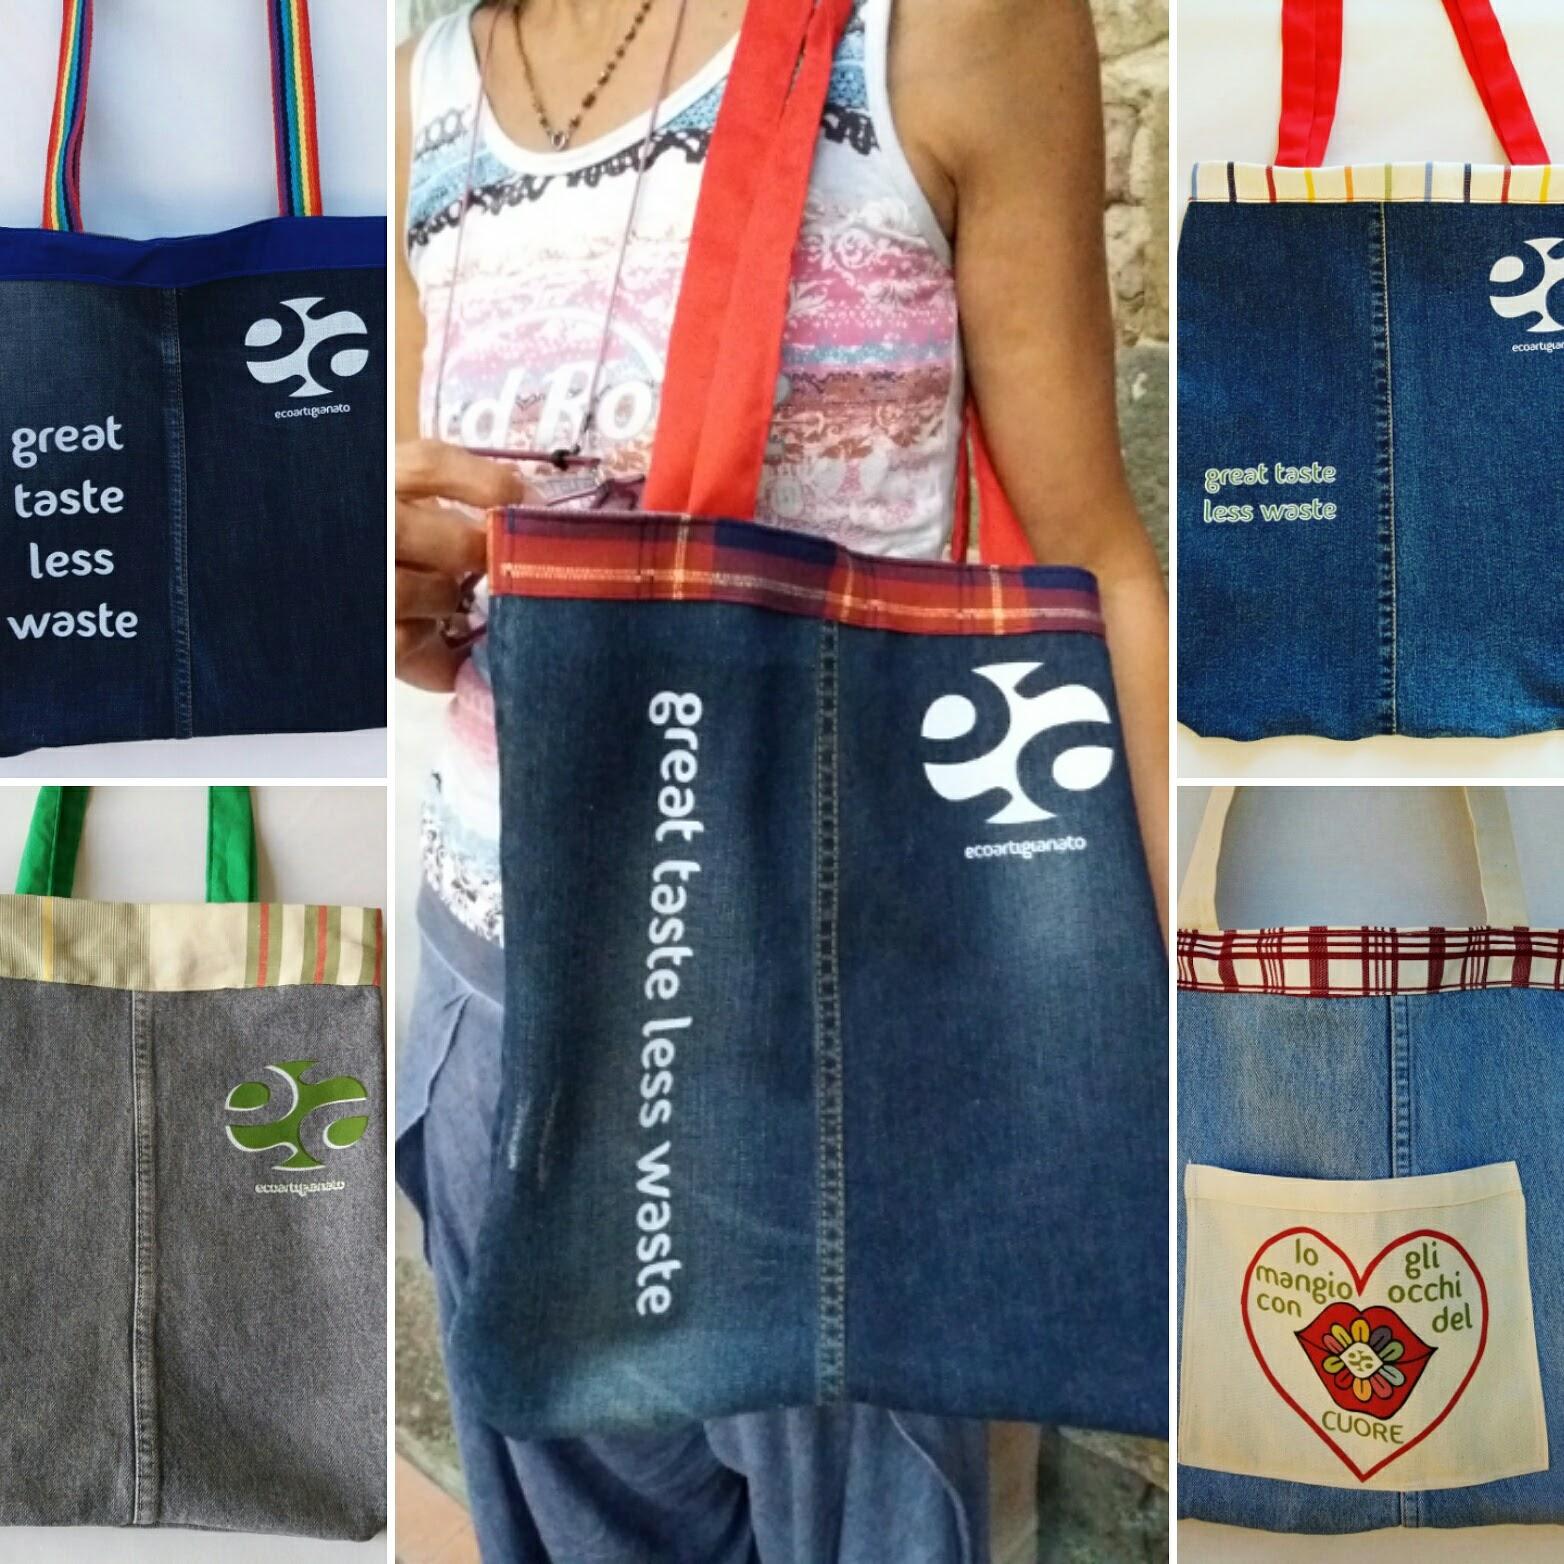 Ecoartigianato   Riciclo creativo grembiuli wow in jeans per ... 5a7a2701fdf